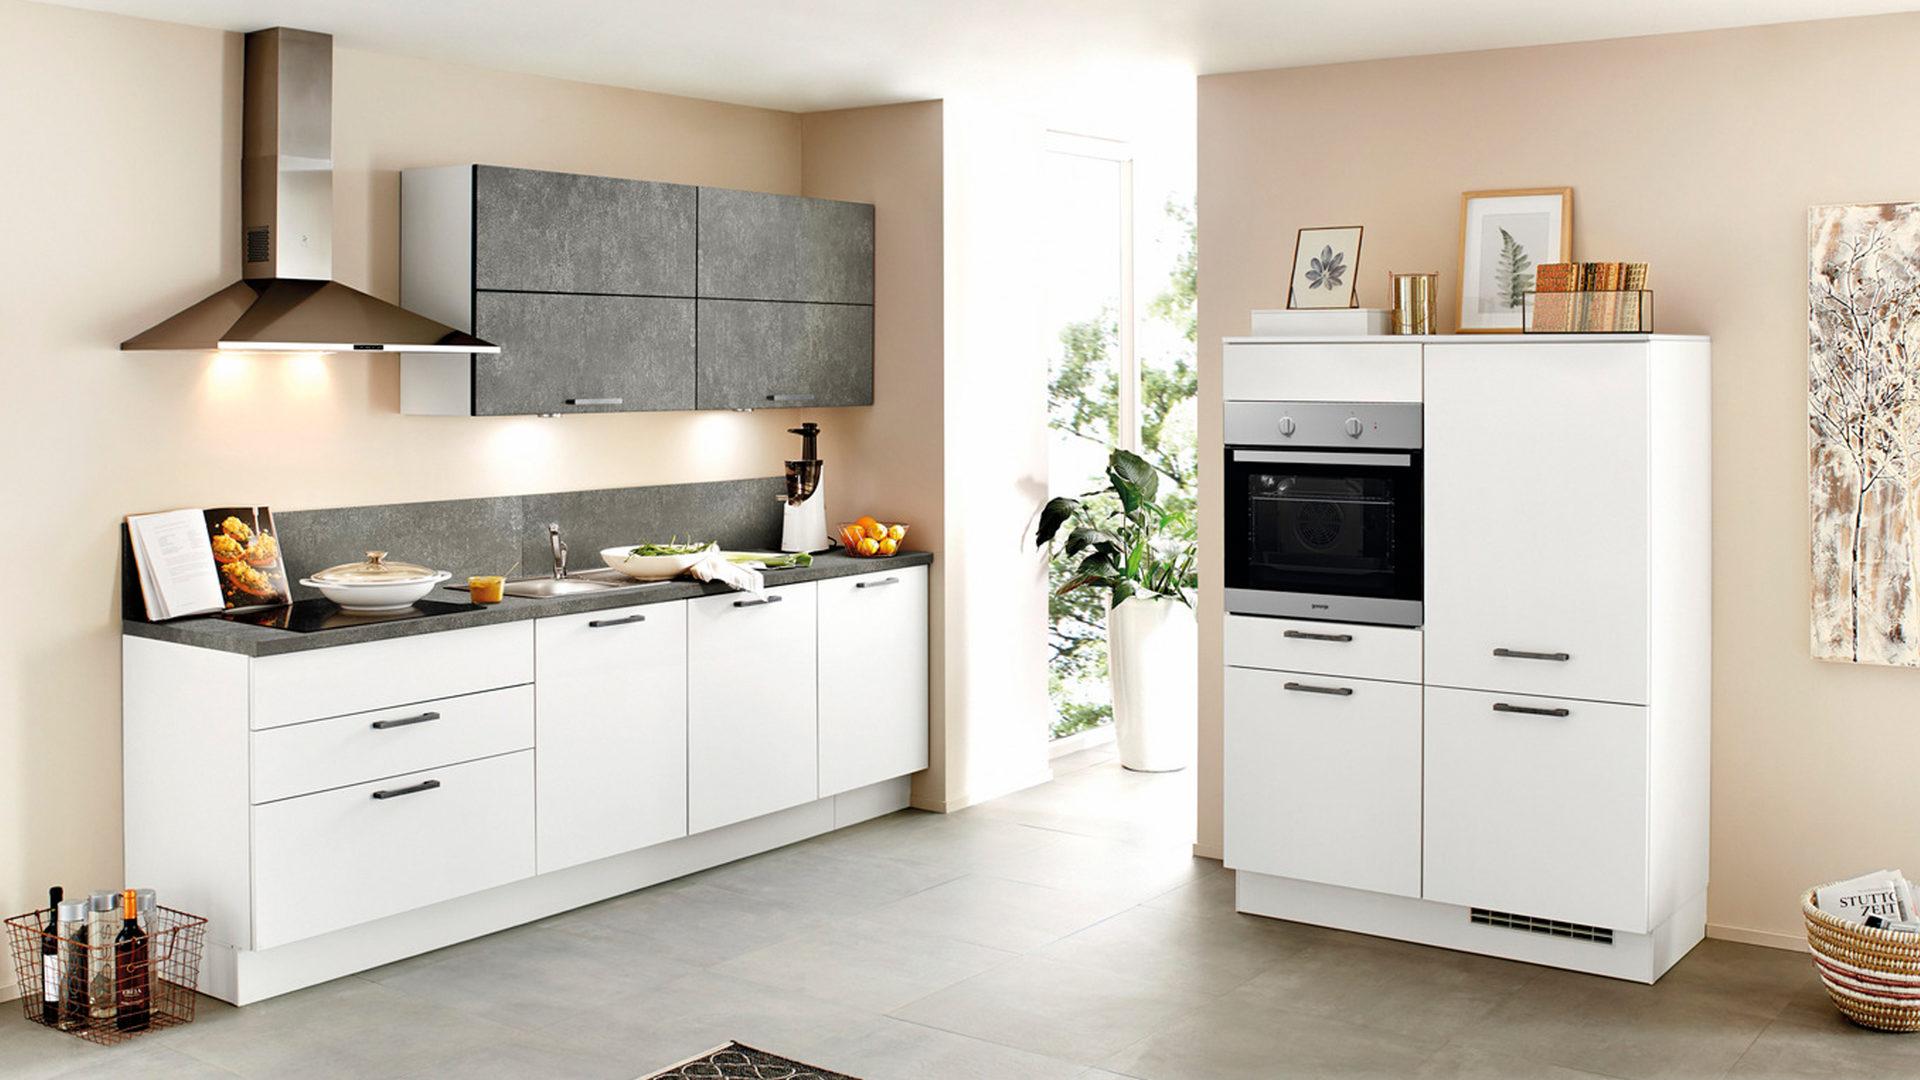 Einbauküchen mit elektrogeräten  Möbel Bernskötter Mülheim, Möbel A-Z, Küchen, Einbauküche ...